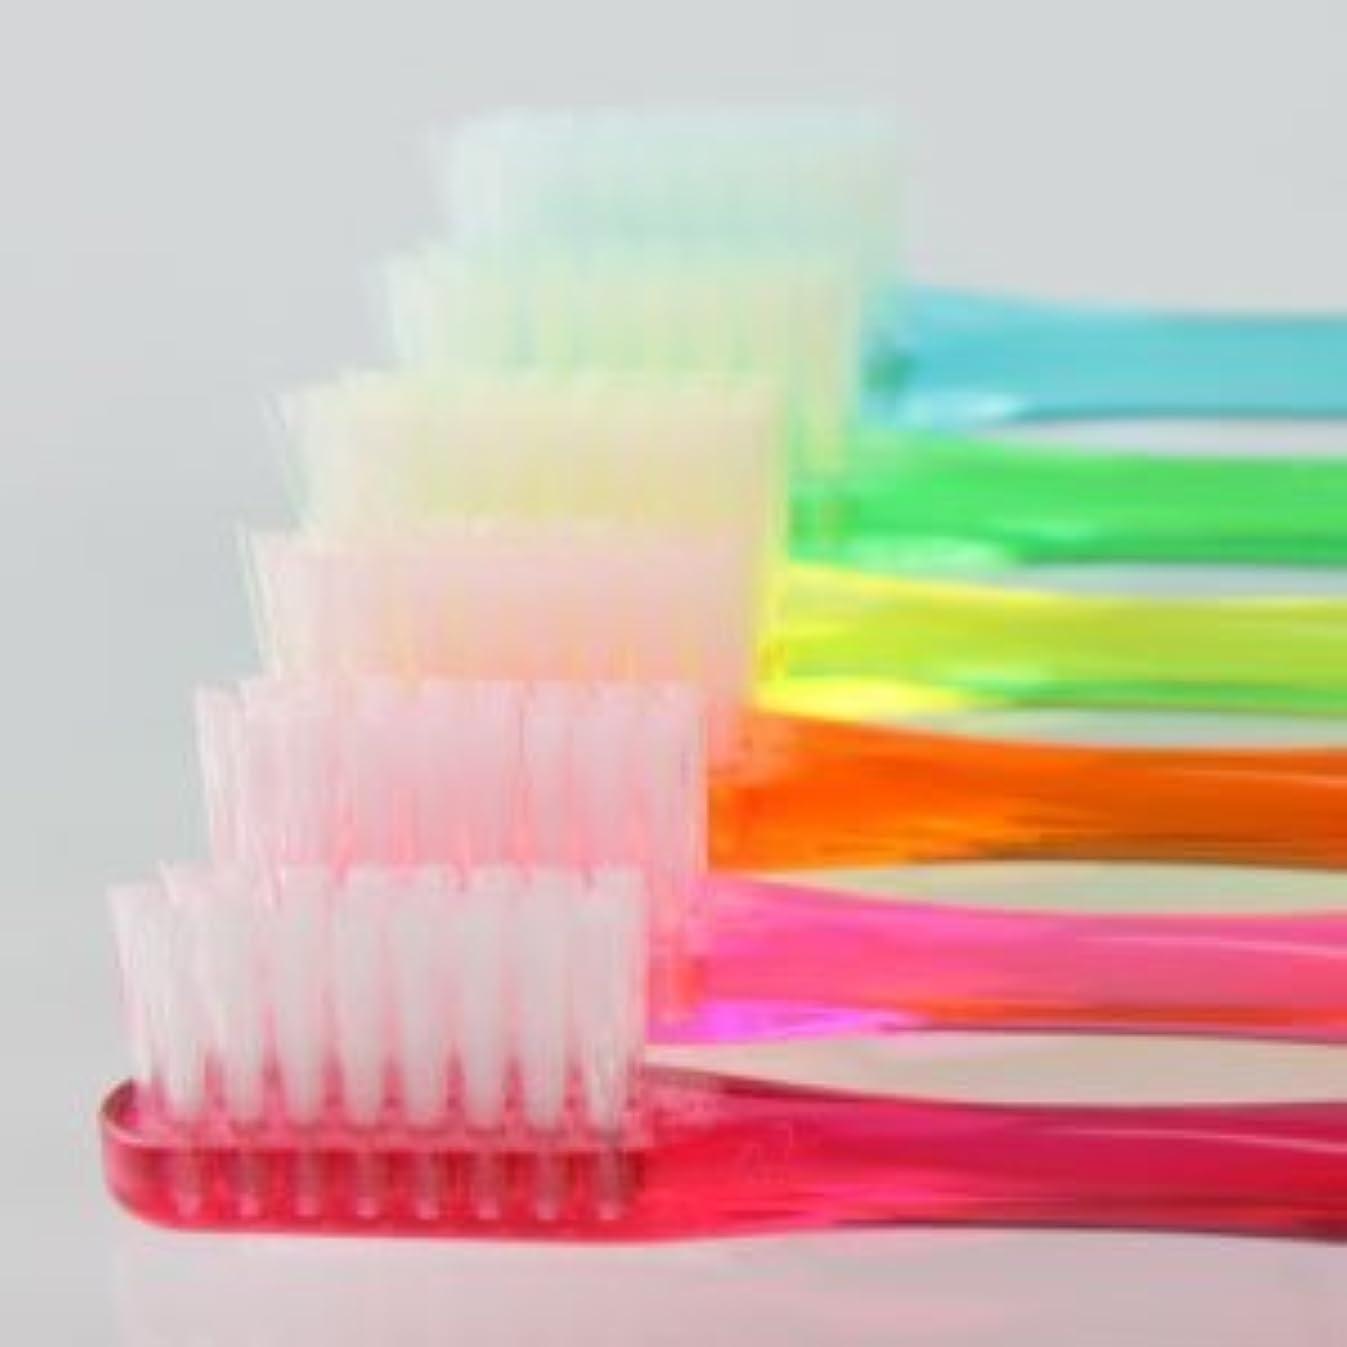 思い出させる閲覧するレトルトサムフレンド 歯ブラシ #21(ミディアム) 6本 ※お色は当店お任せです